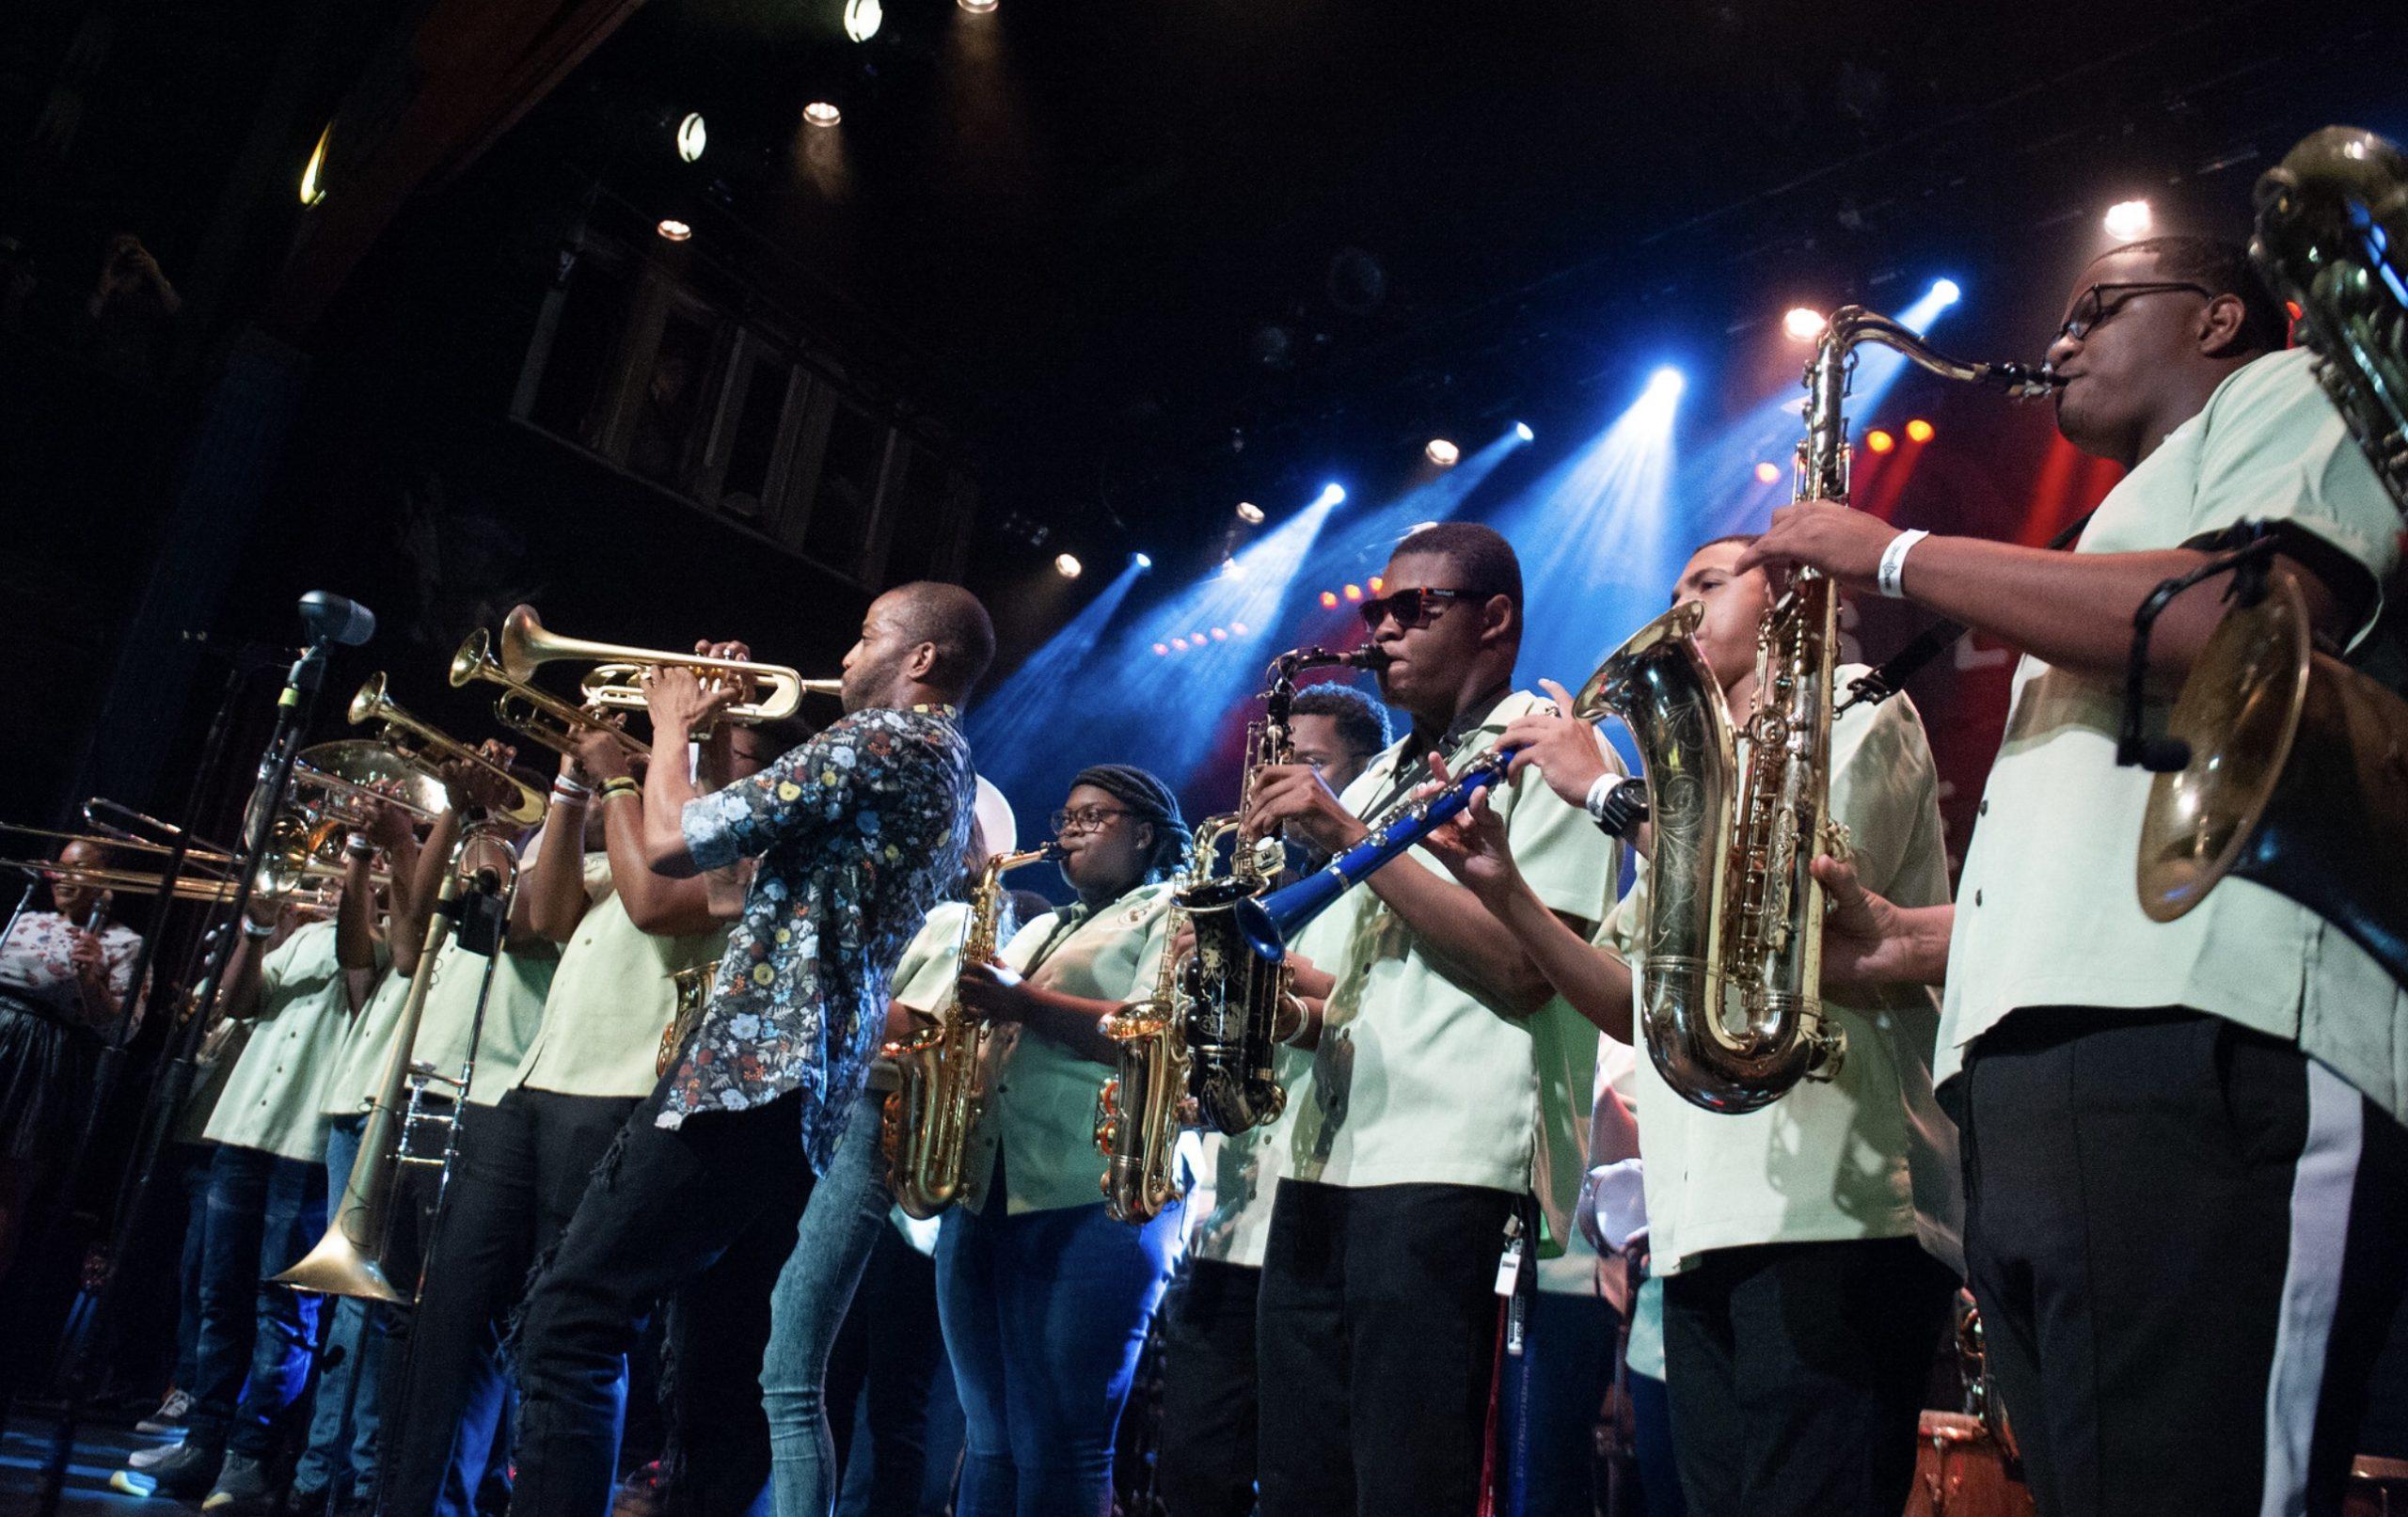 Troy Andrews tocando con chicos de la Academia de Música Trombone Shorty. Foto: Laura Carbone